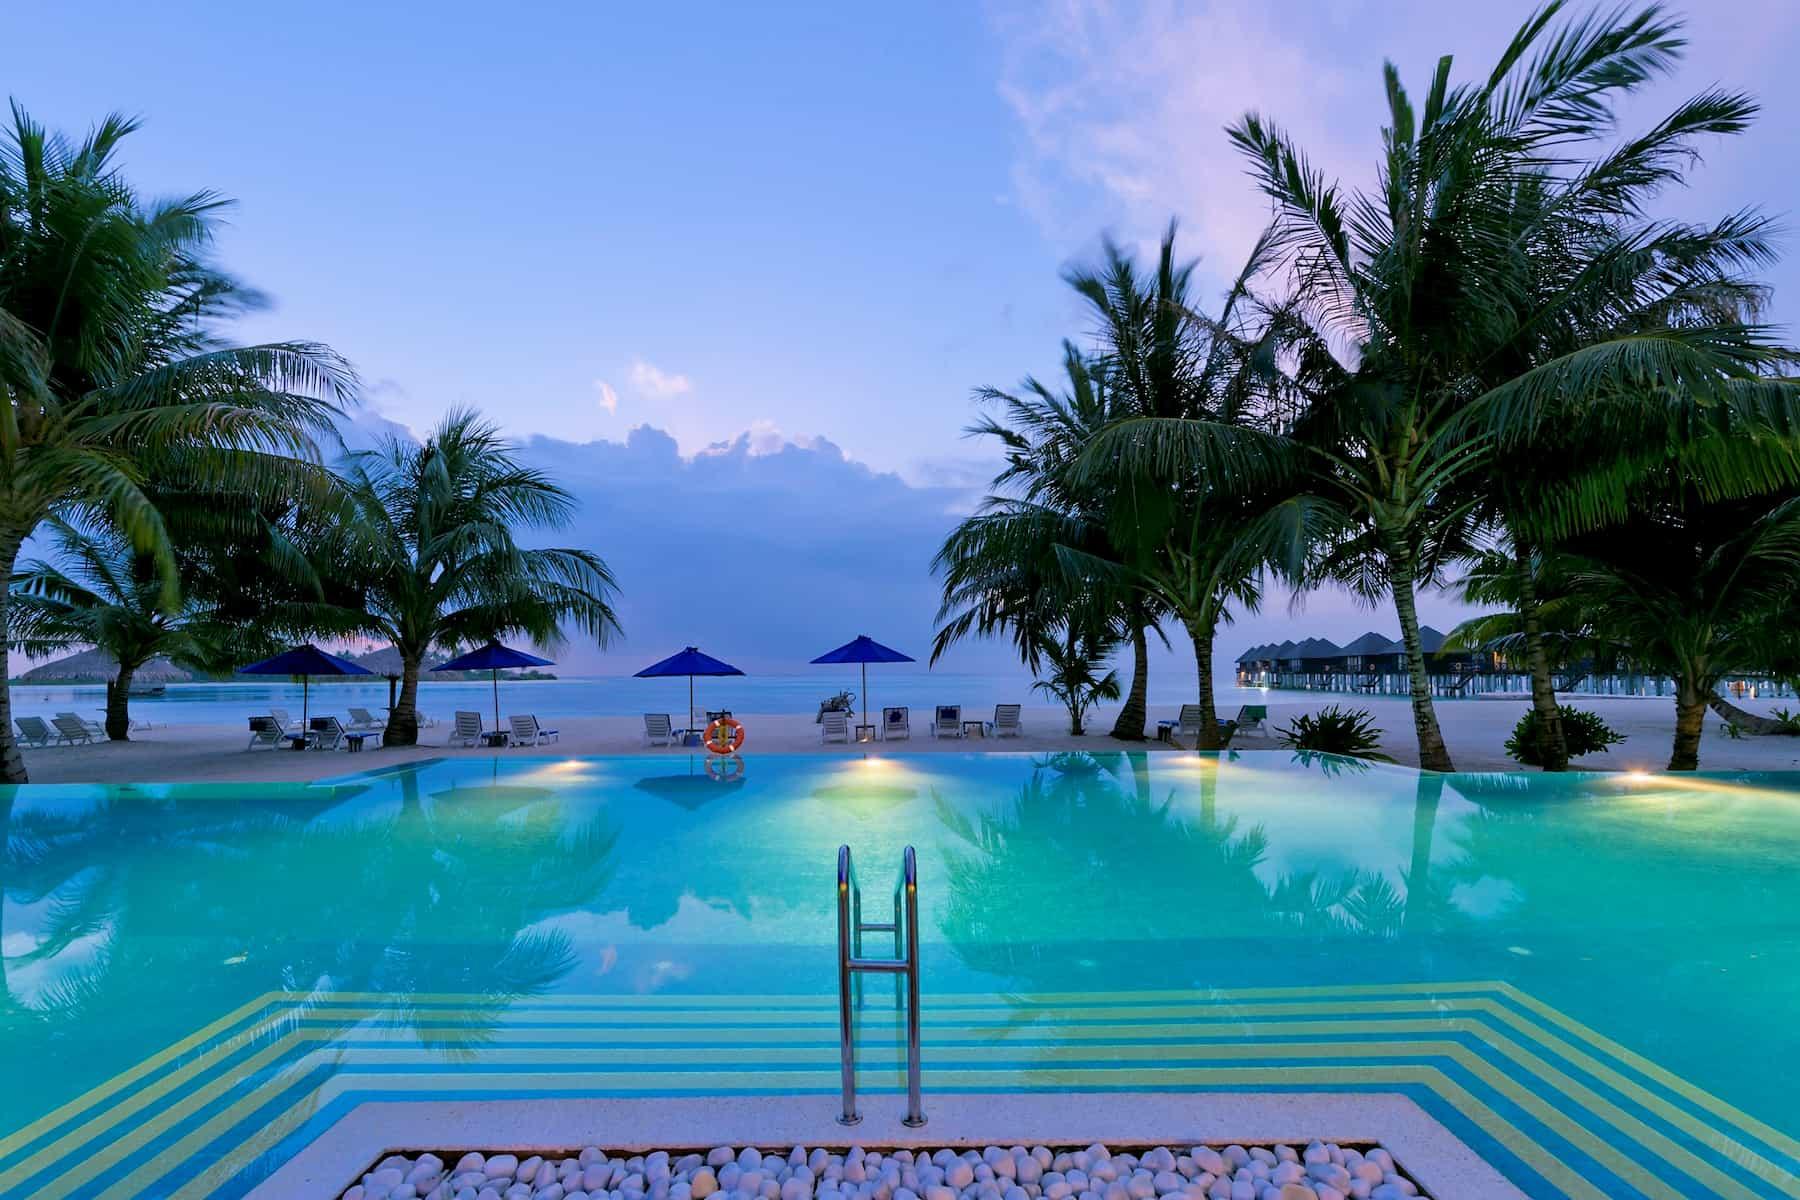 Resort Maldive Olhuveli Beach & Spa pool bar Sunrise Bar